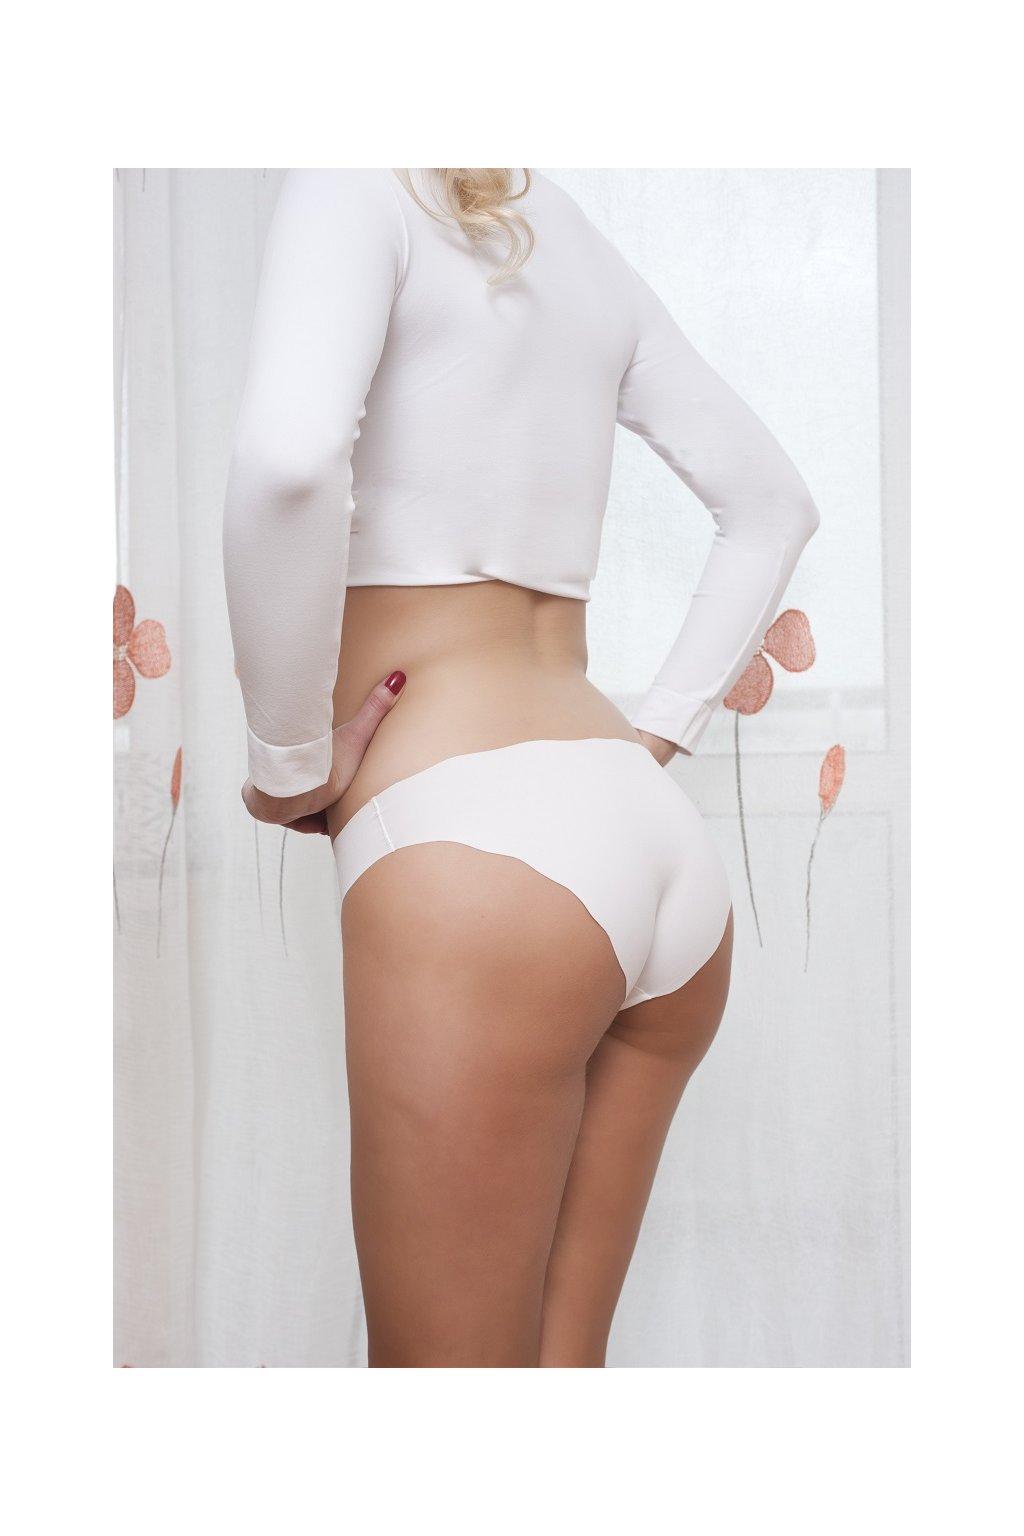 Dámské kalhotky Hanna Style 03-60 bílá